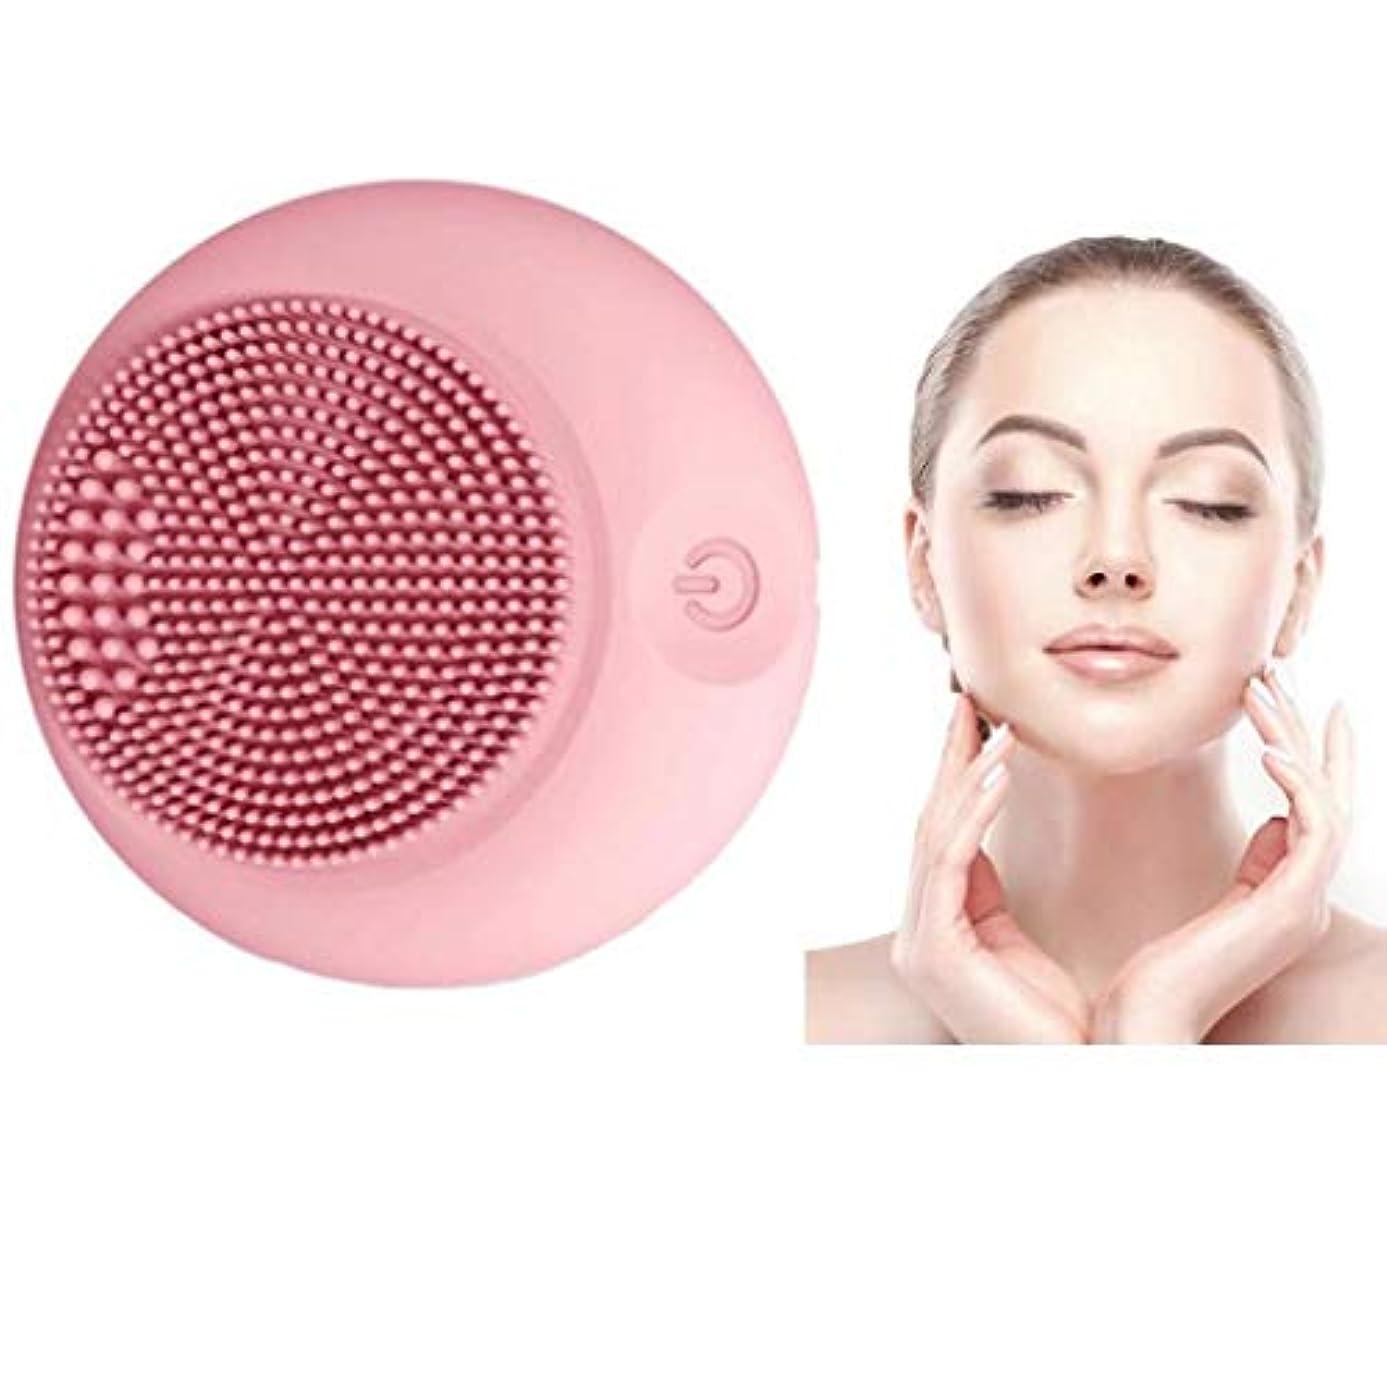 貸す過激派火炎クレンジング楽器、シリコンクレンジングブラシ、電動ウォッシュブラシ、シリコンフェイシャルマッサージ、ポータブル超音波振動、肌を清潔に保ち、防水、すべての肌タイプに適して (Color : Pink)